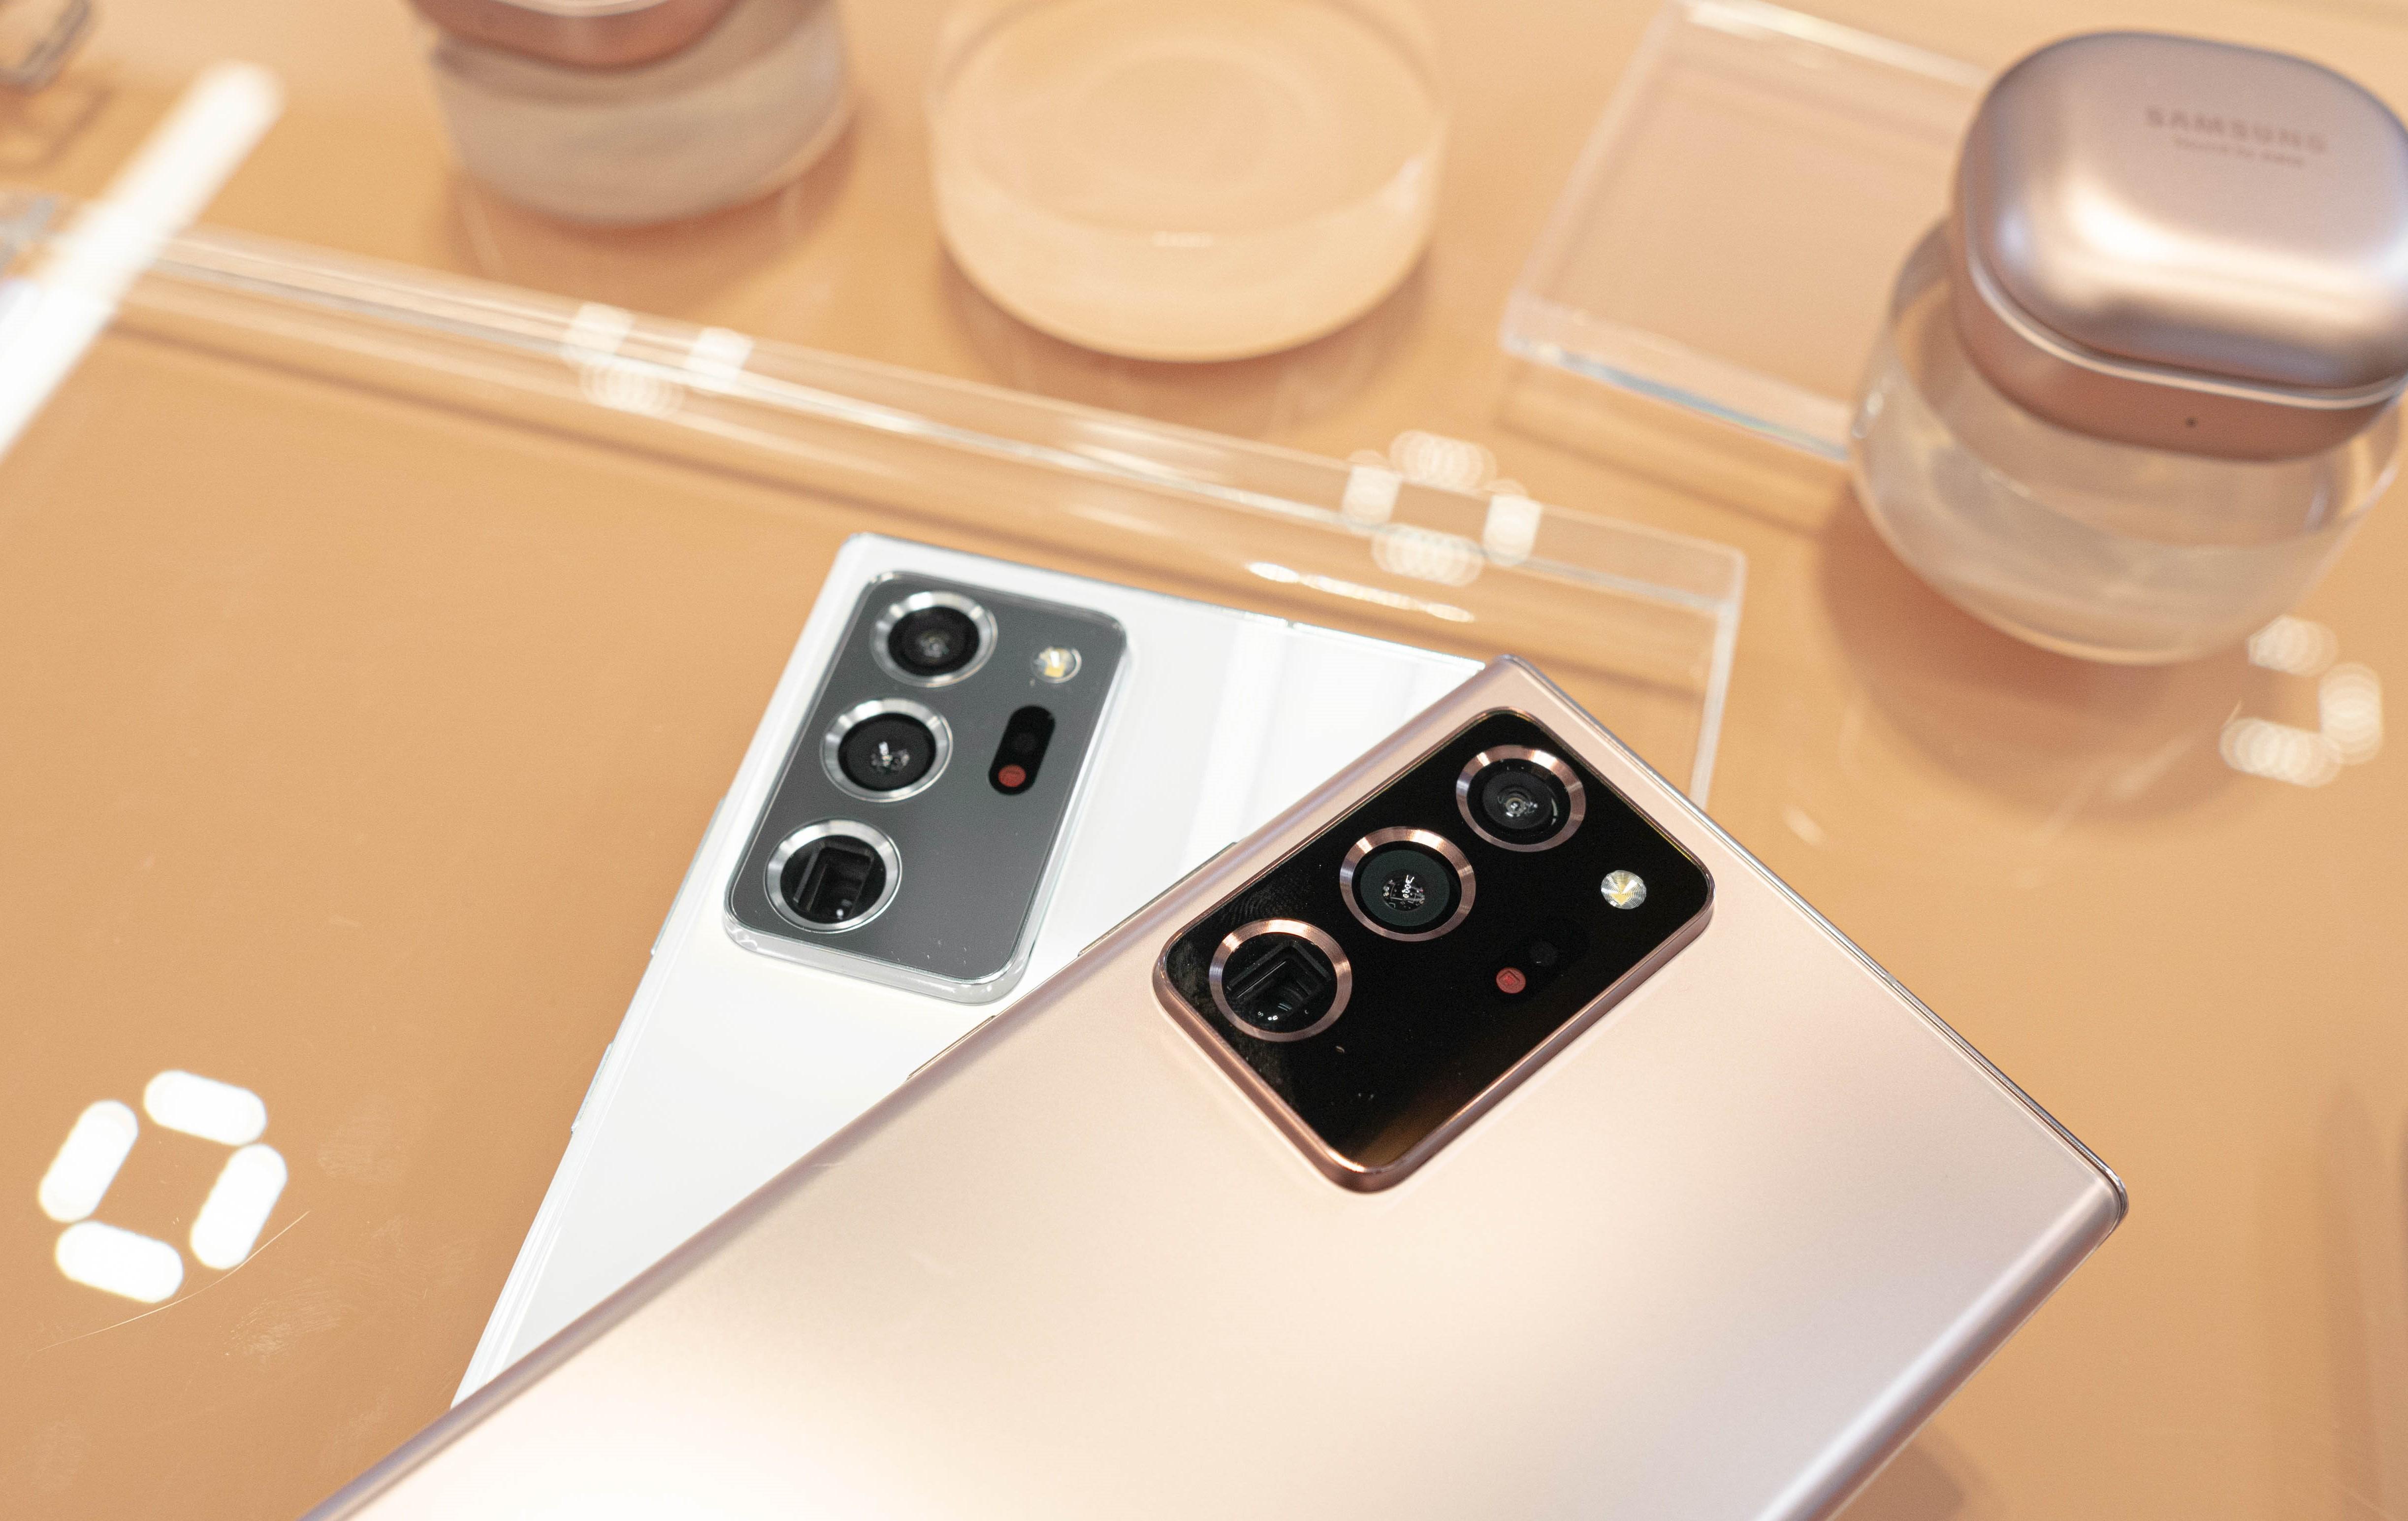 FPT Shop triển khai thu cũ đổi mới cho khách hàng đặt Samsung Galaxy Note 20 - Ảnh 1.